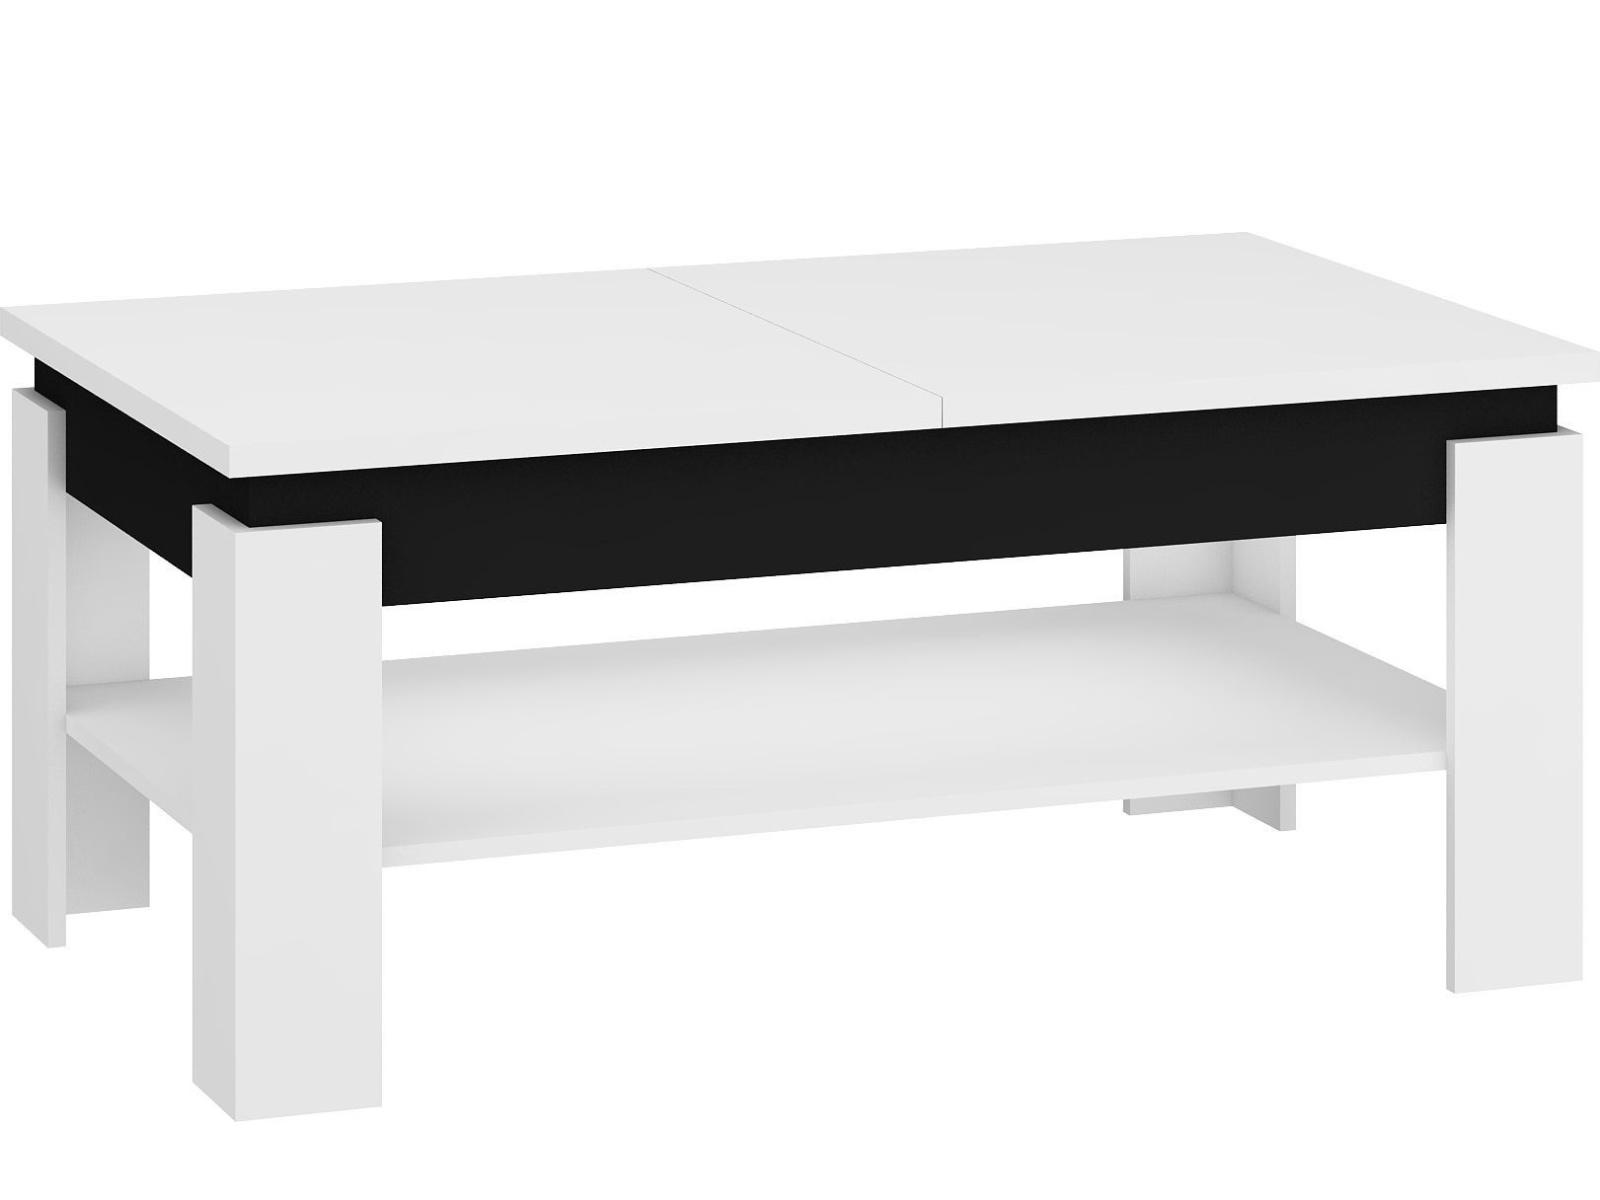 MORAVIA FLAT Konferenční rozkládací stolek BOSTON, bílá/černý lesk